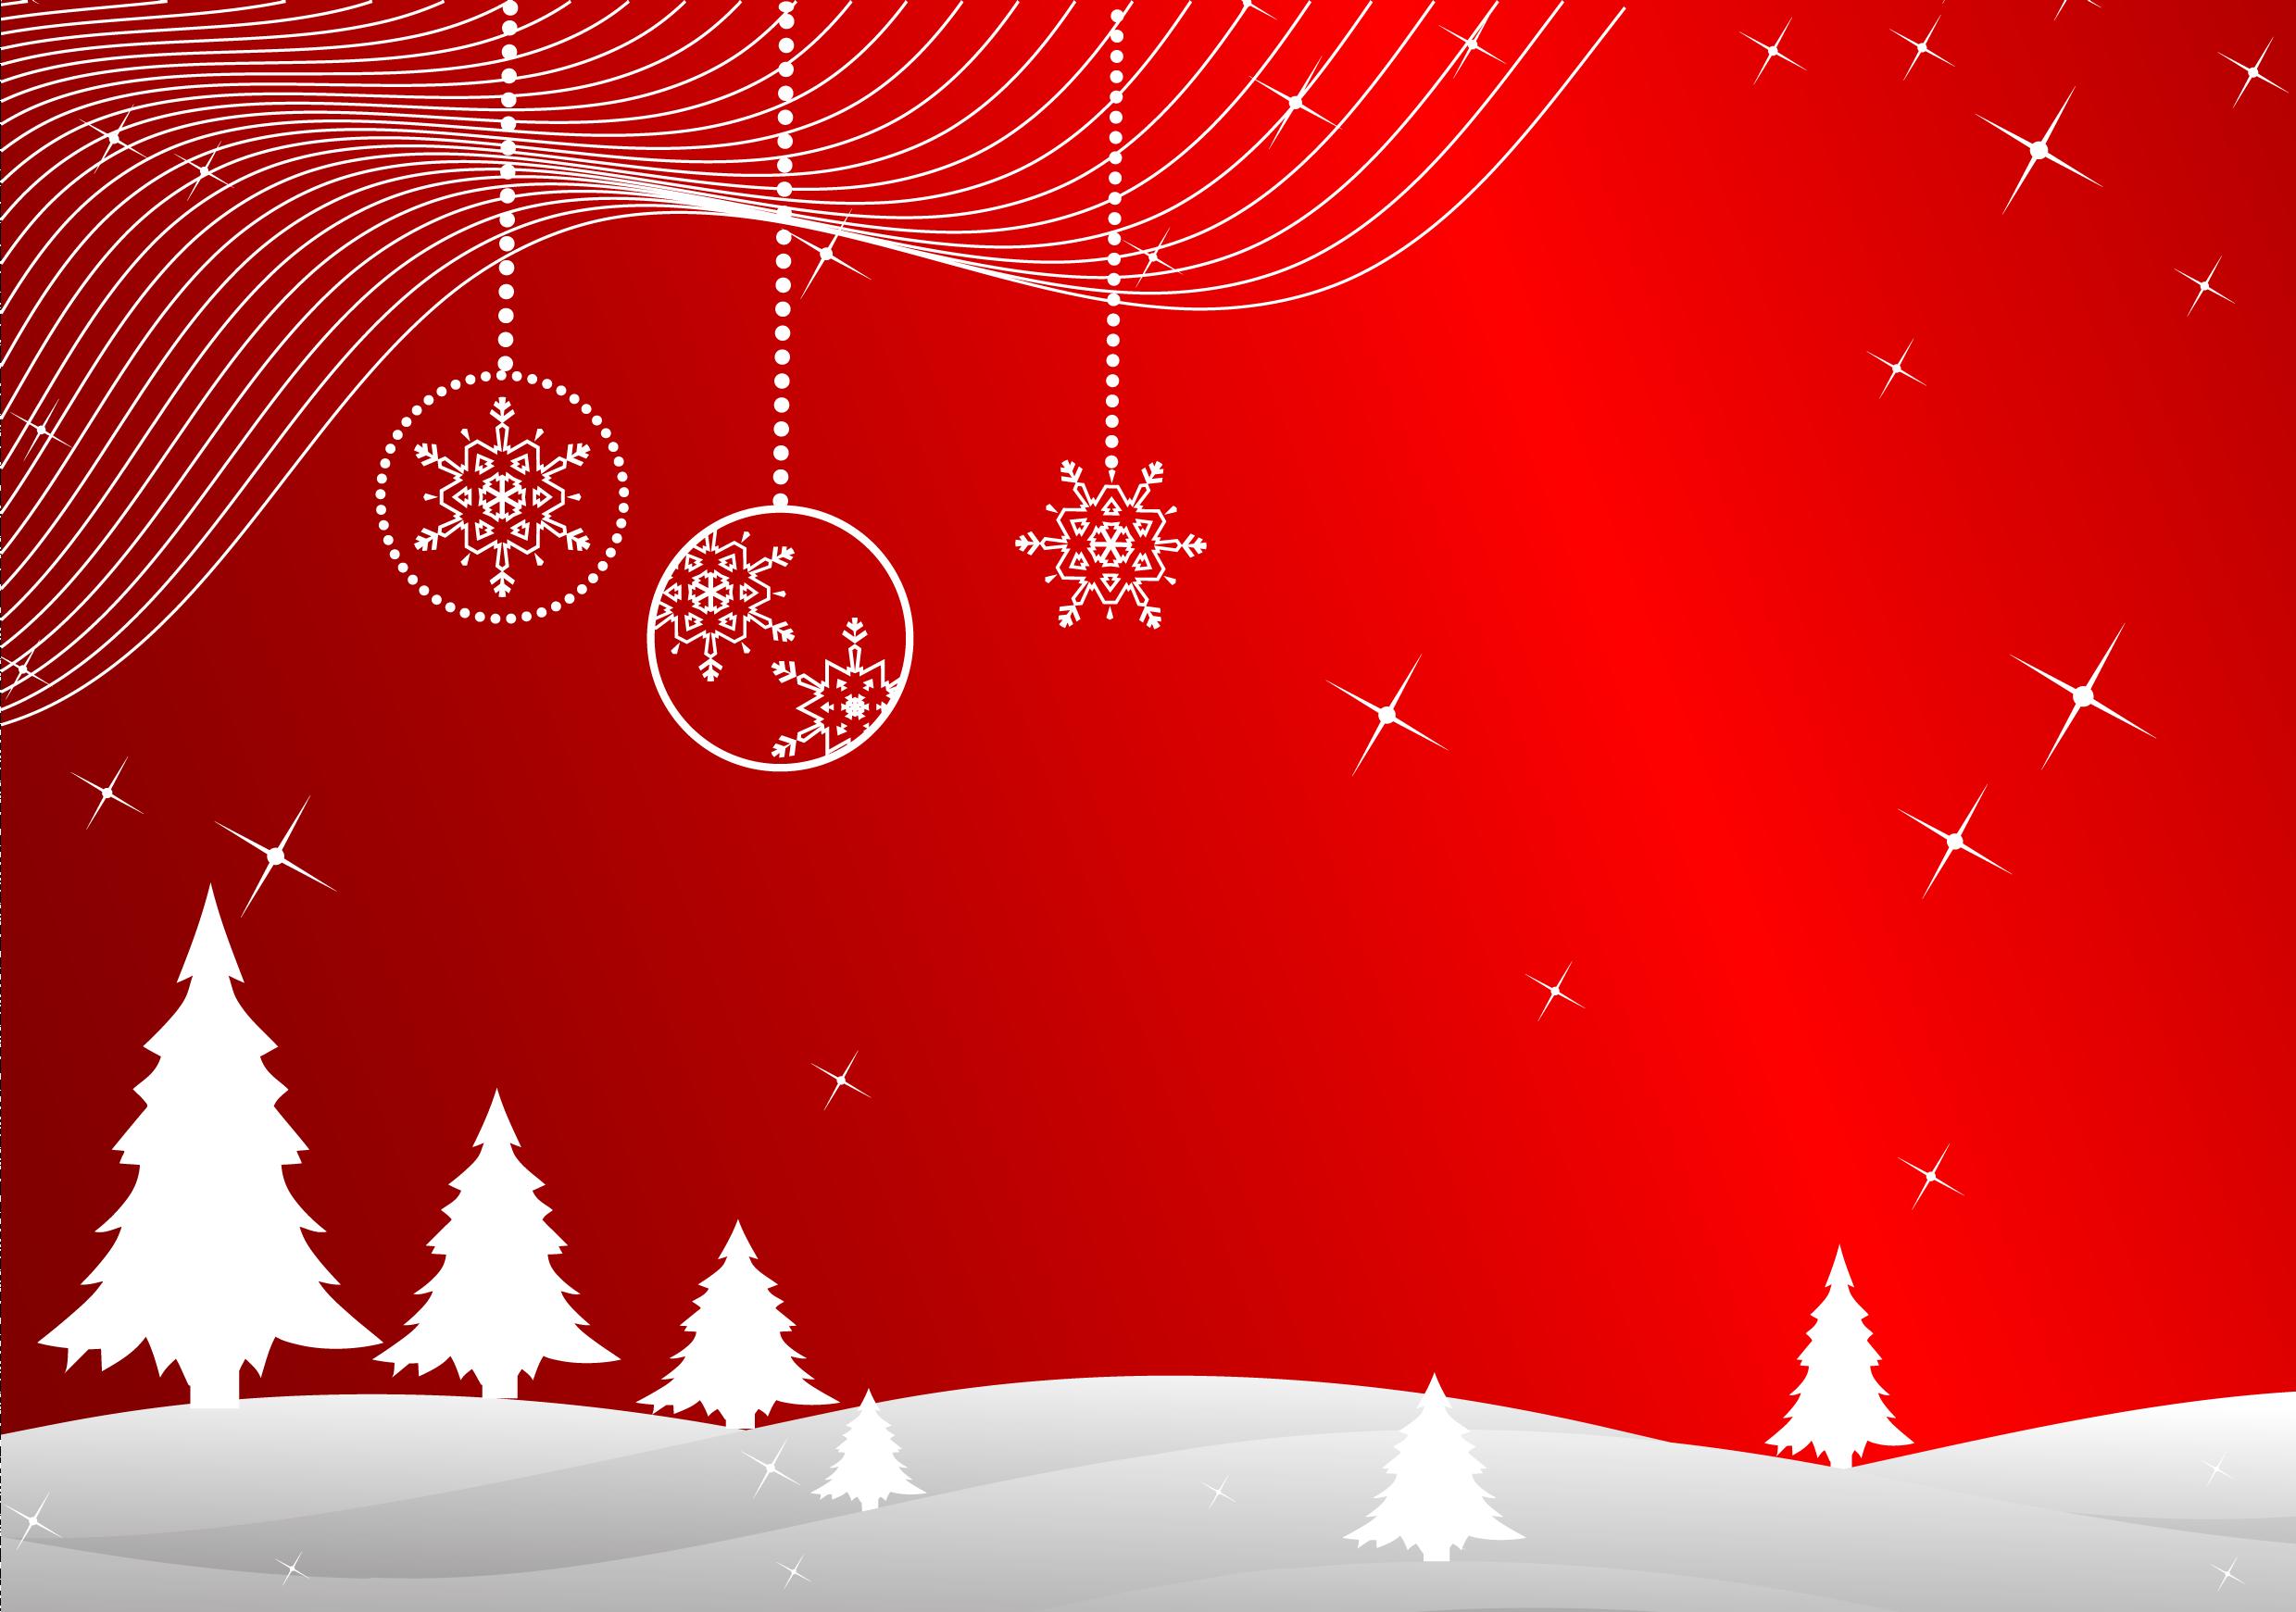 векторные картинки рождество и новый год изученив